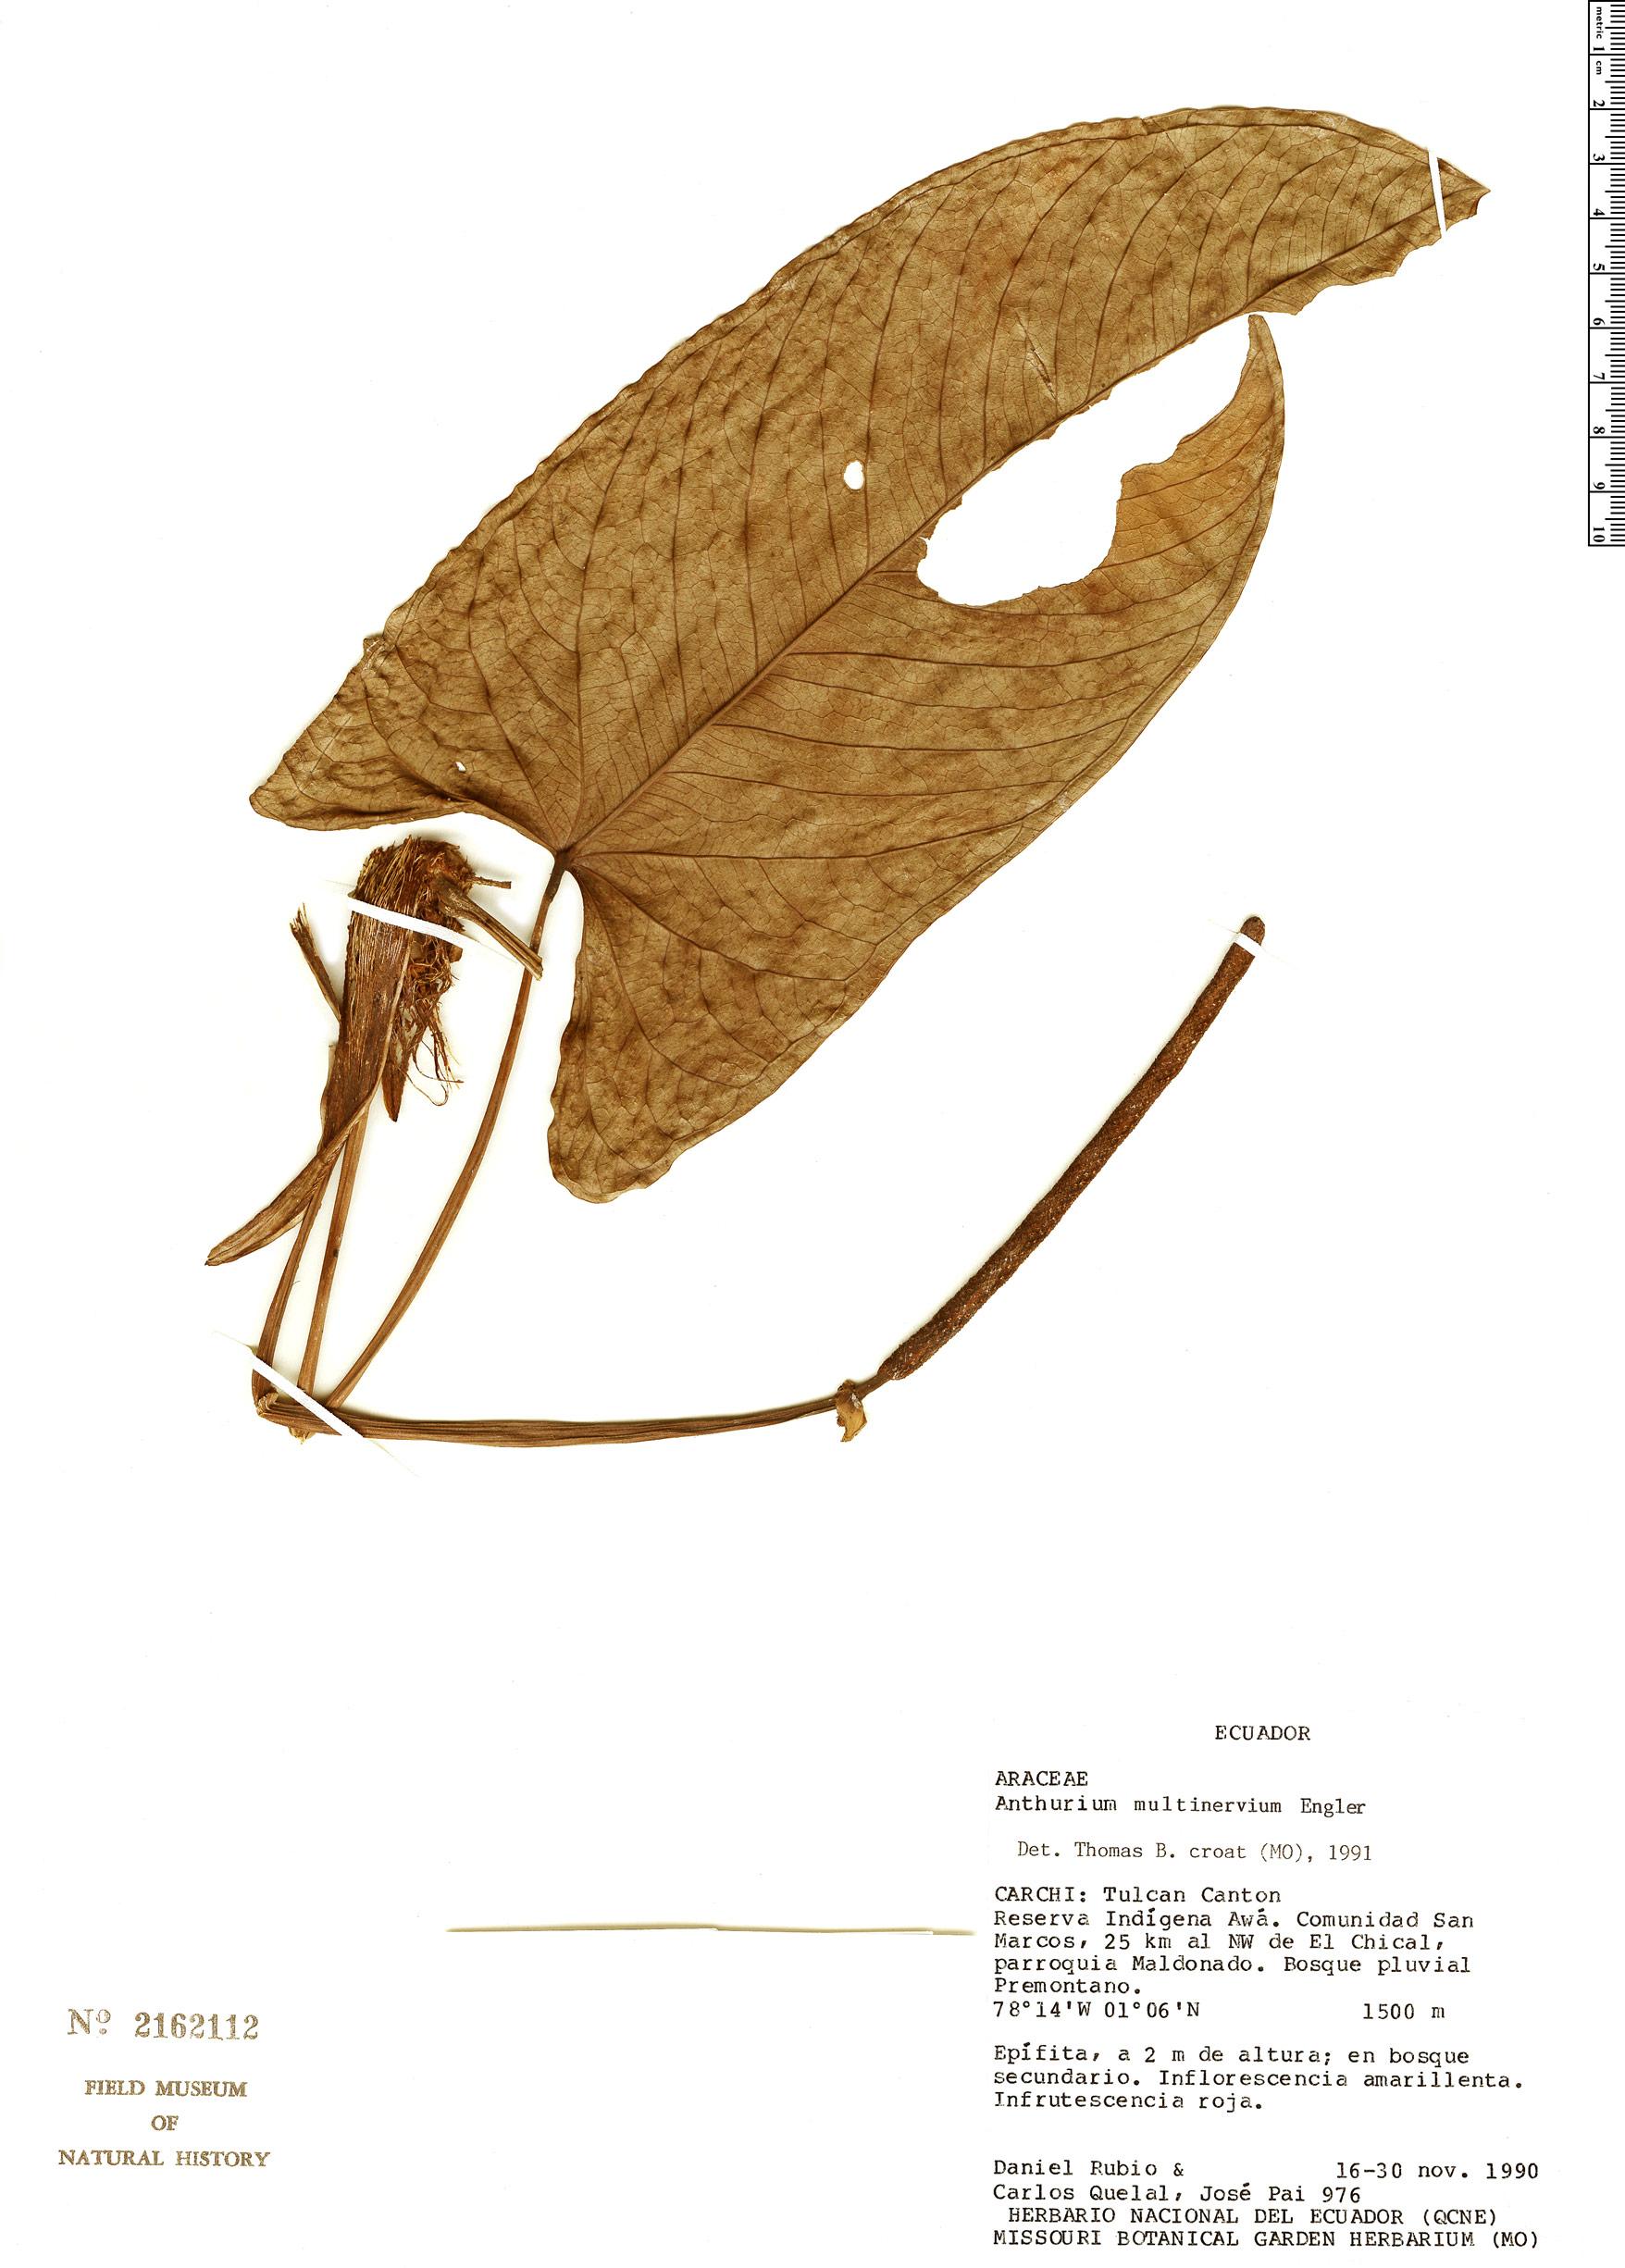 Specimen: Anthurium multinervium